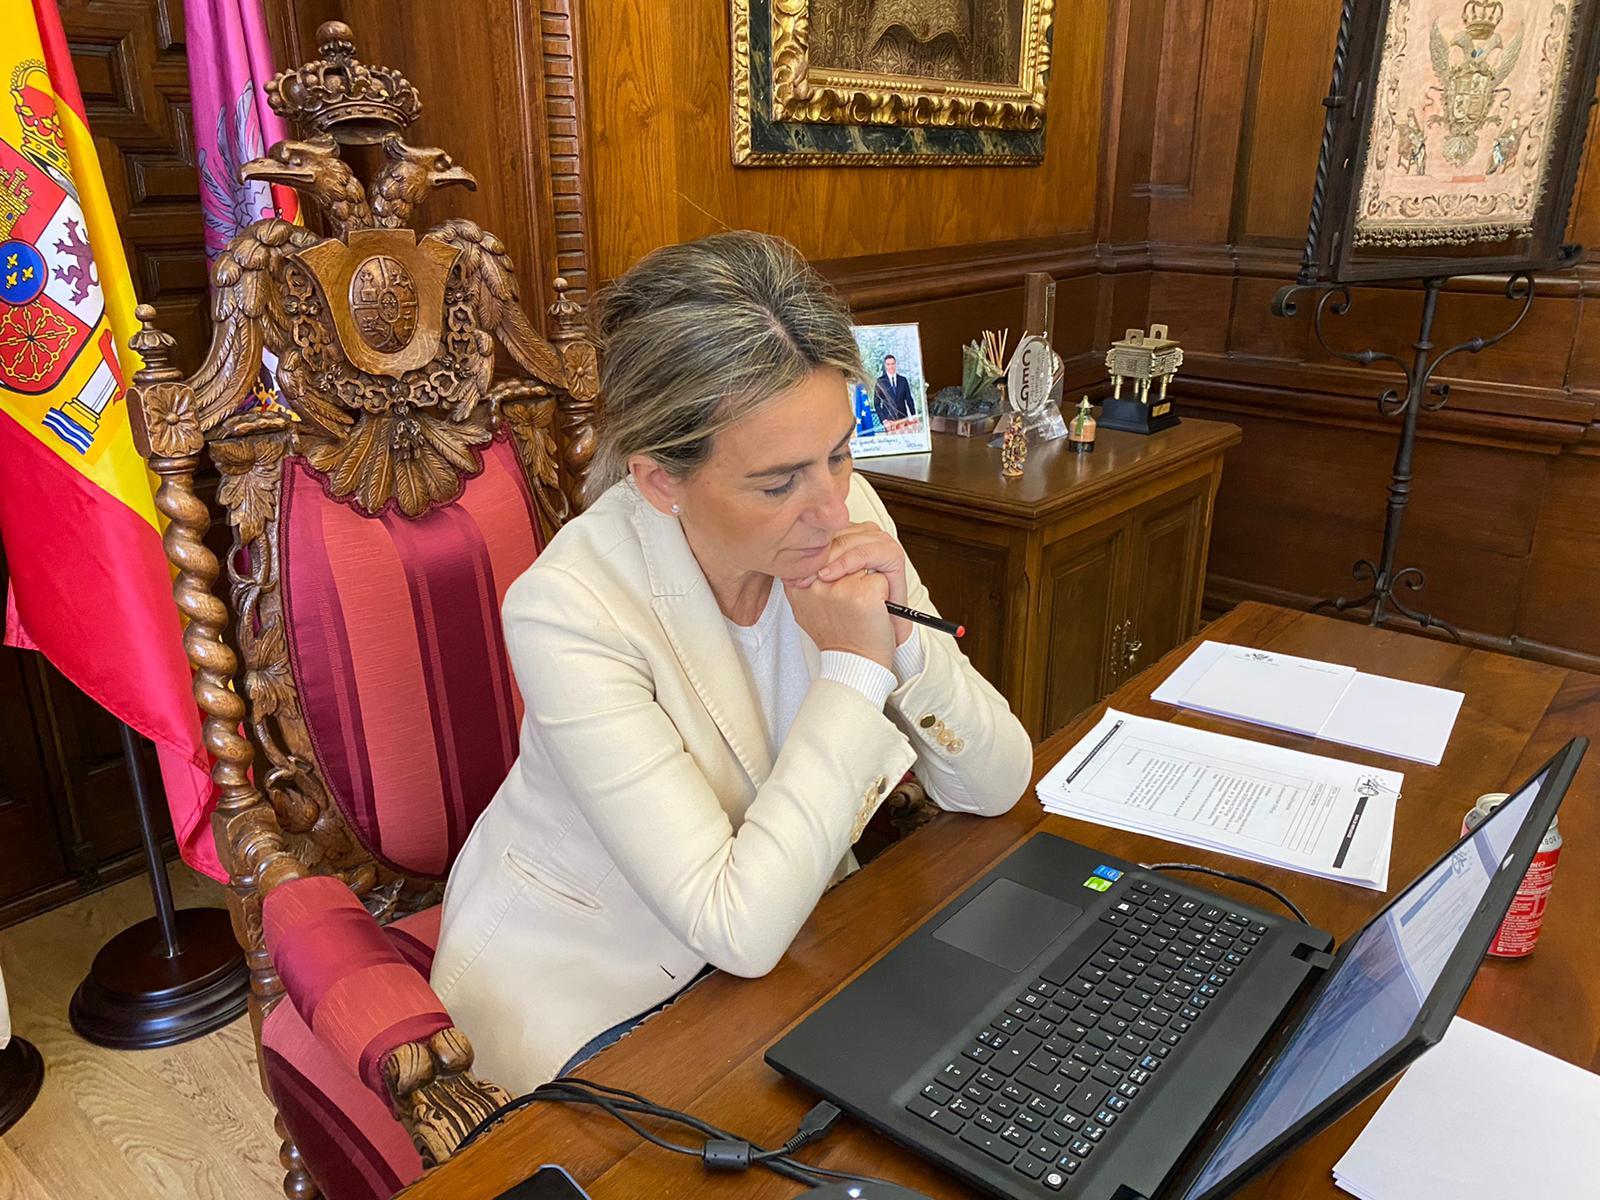 La alcaldesa participa en la Junta de Portavoces de la FEMP que propondrá una batería de medidas económicas para ayuntamientos